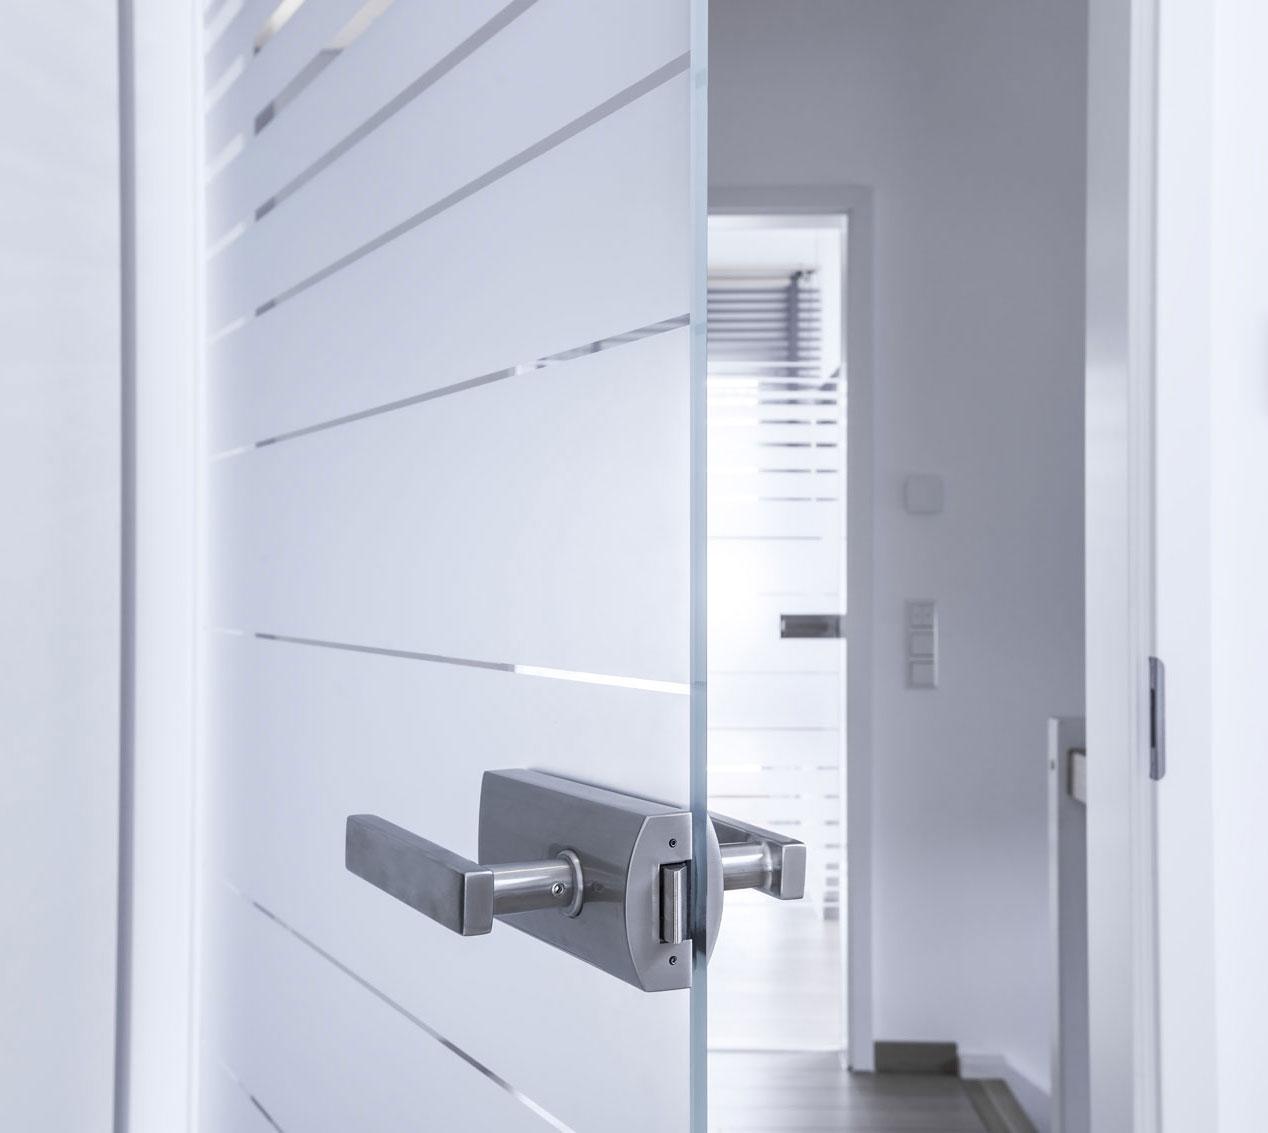 Vendita e installazione porte interne